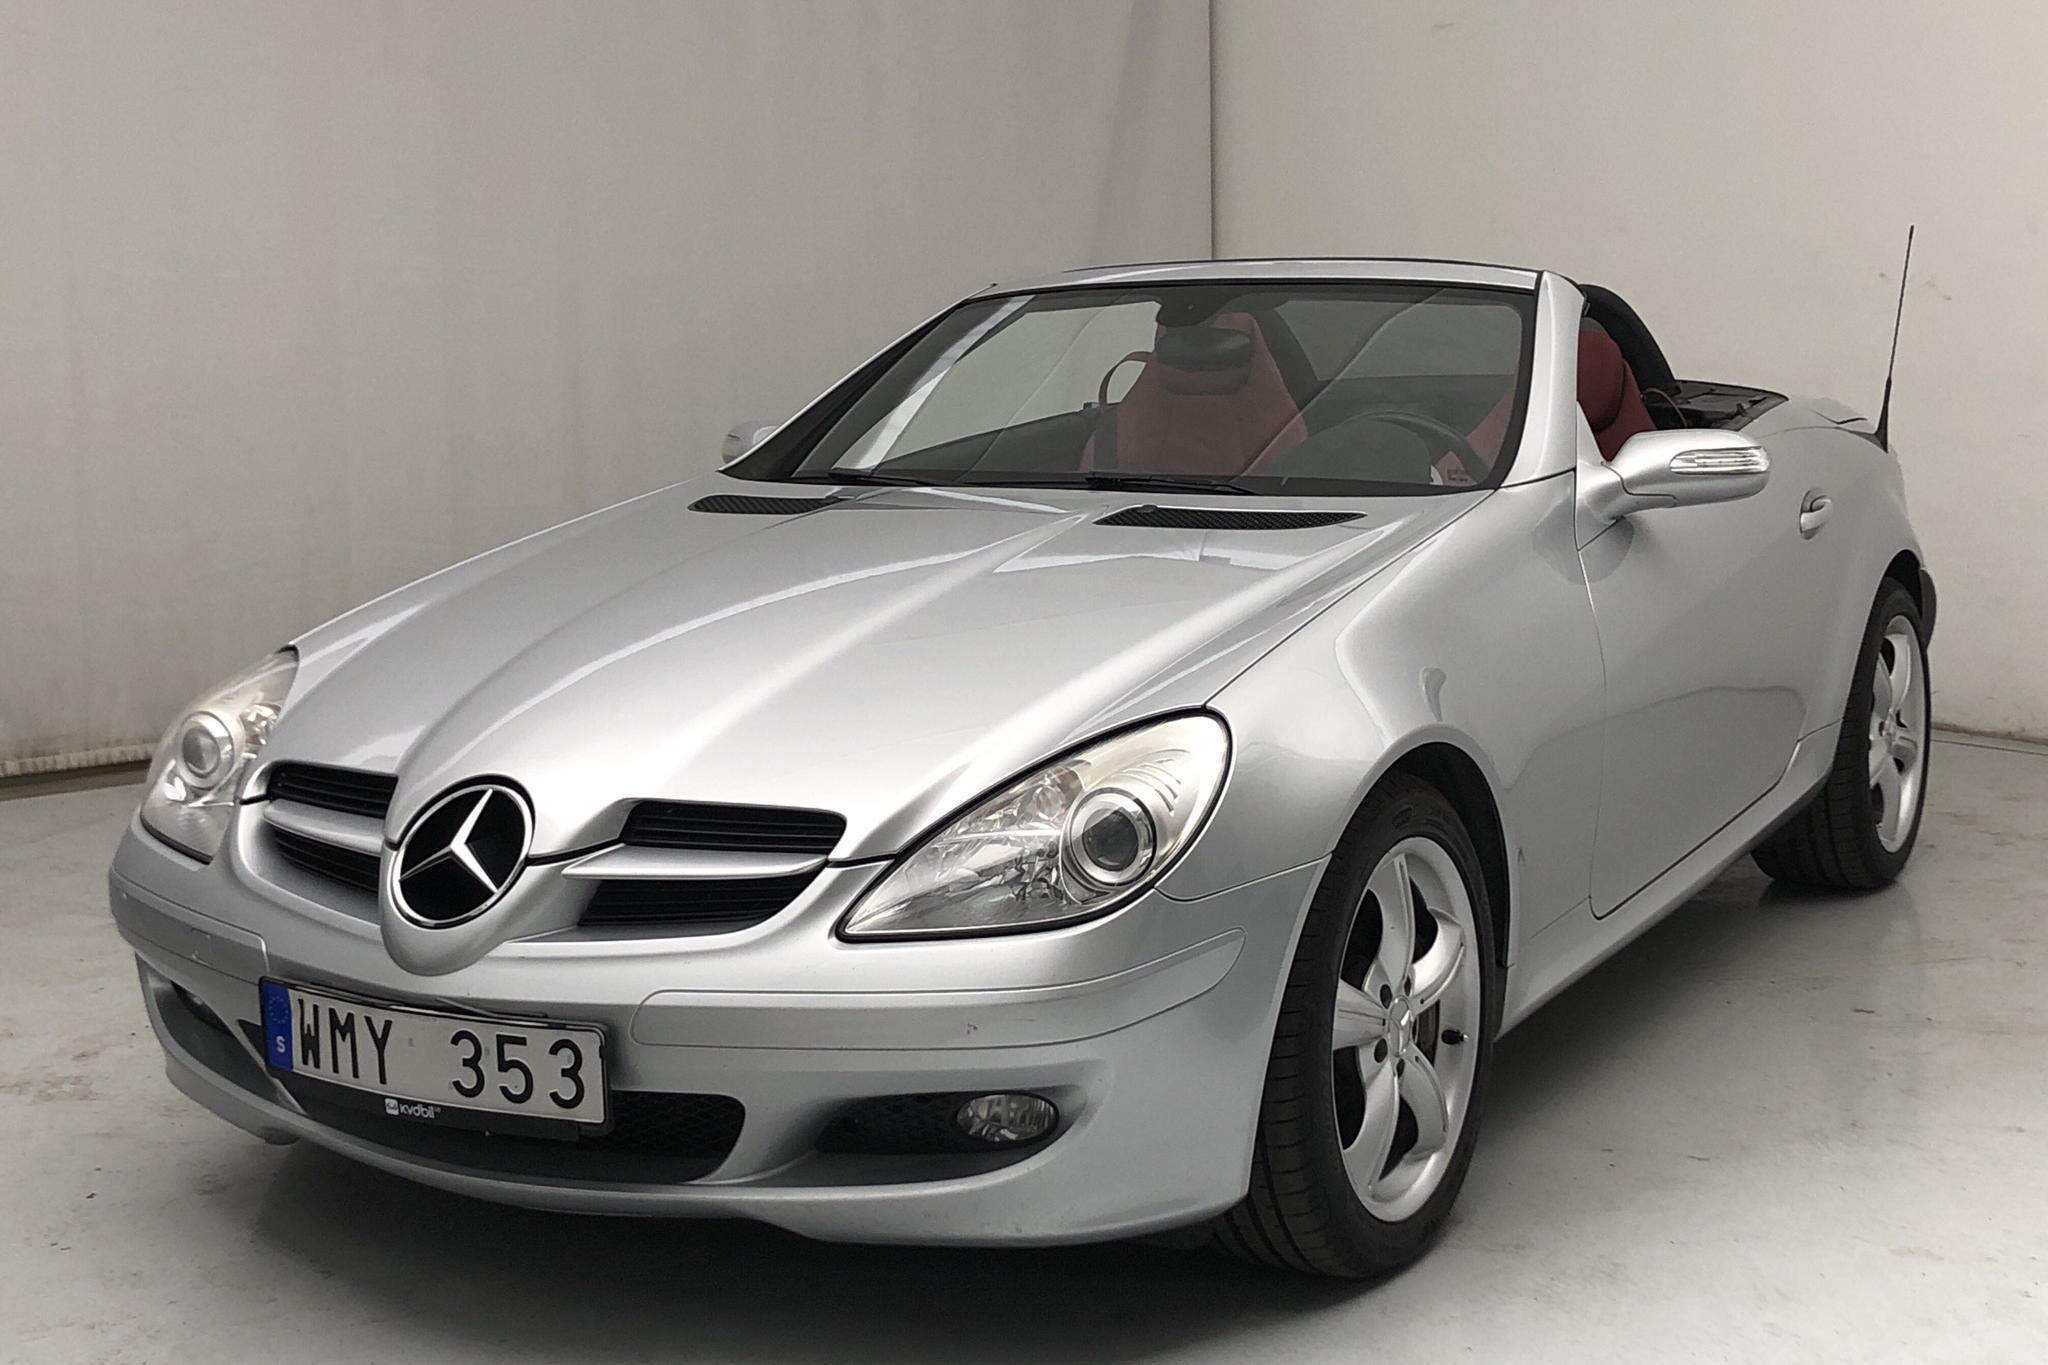 Mercedes SLK 350 R171 (272hk)